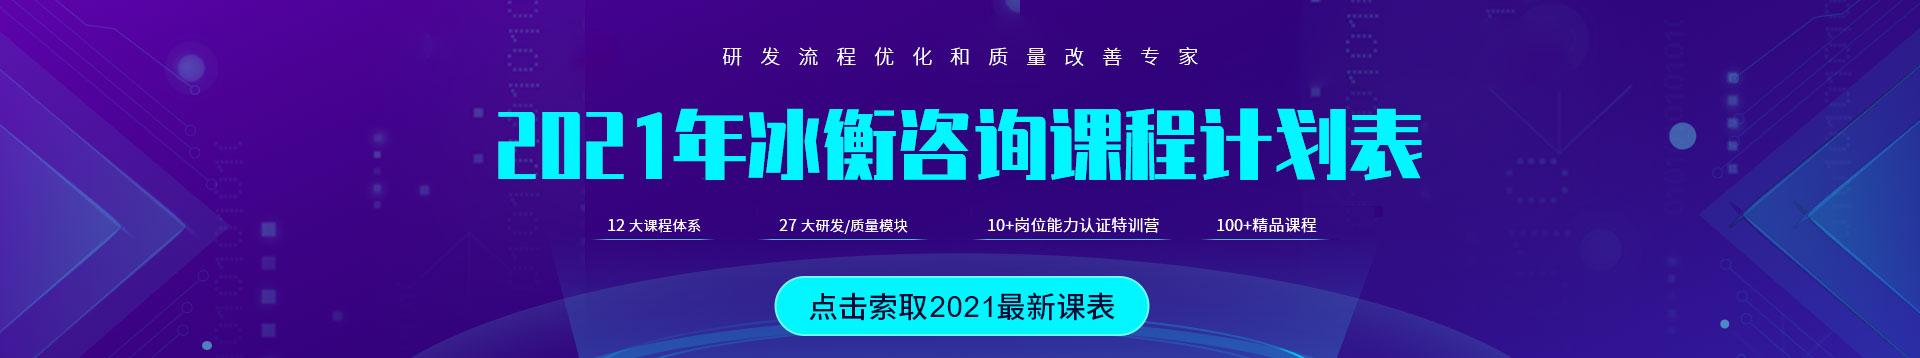 2021年冰衡咨询课程计划表耀世发布